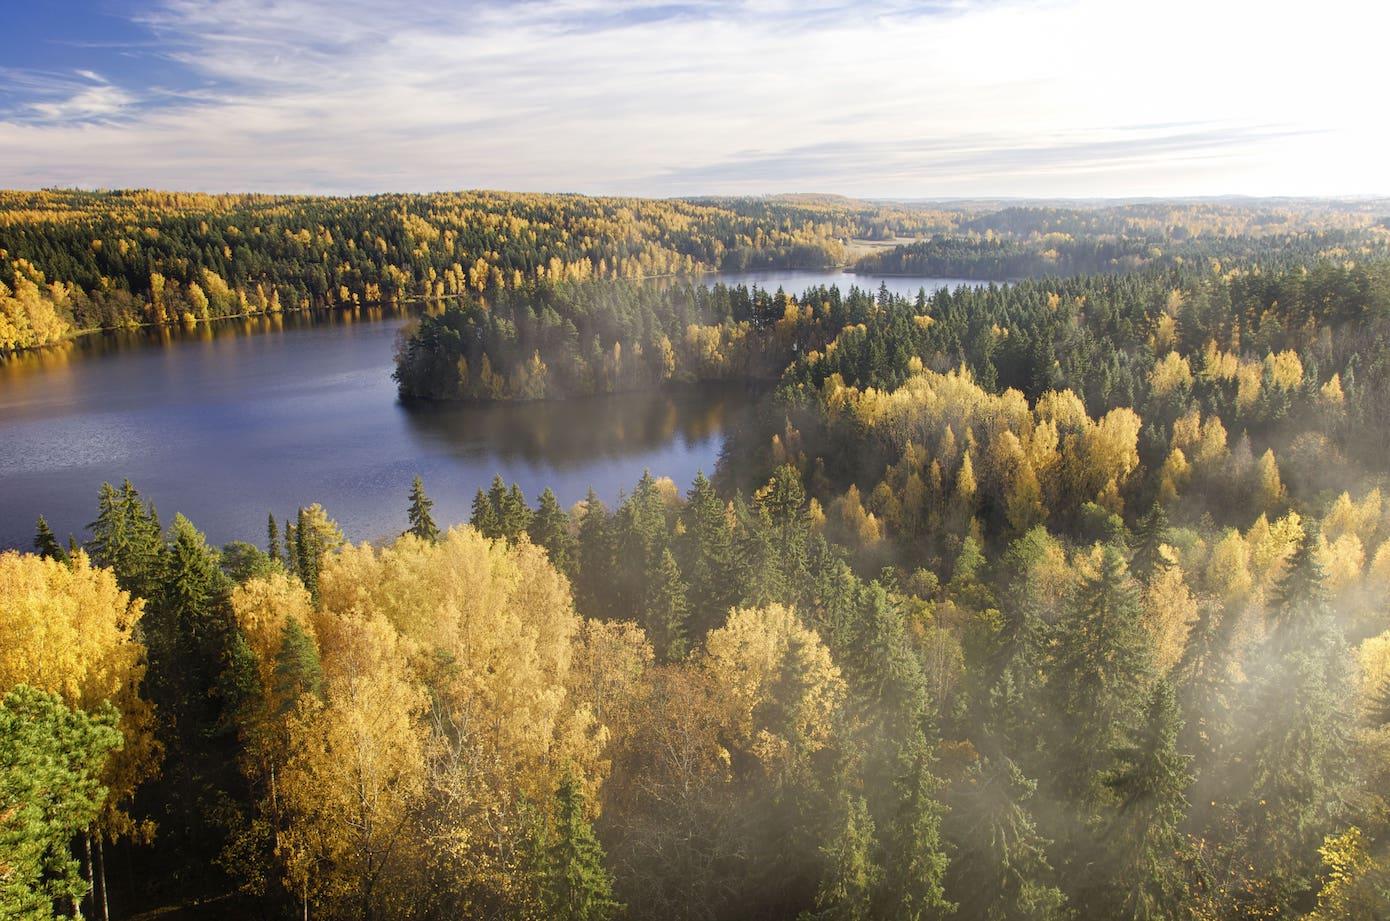 Die finnischen Seenplatten umgeben von unendlich wirkenden Wäldern